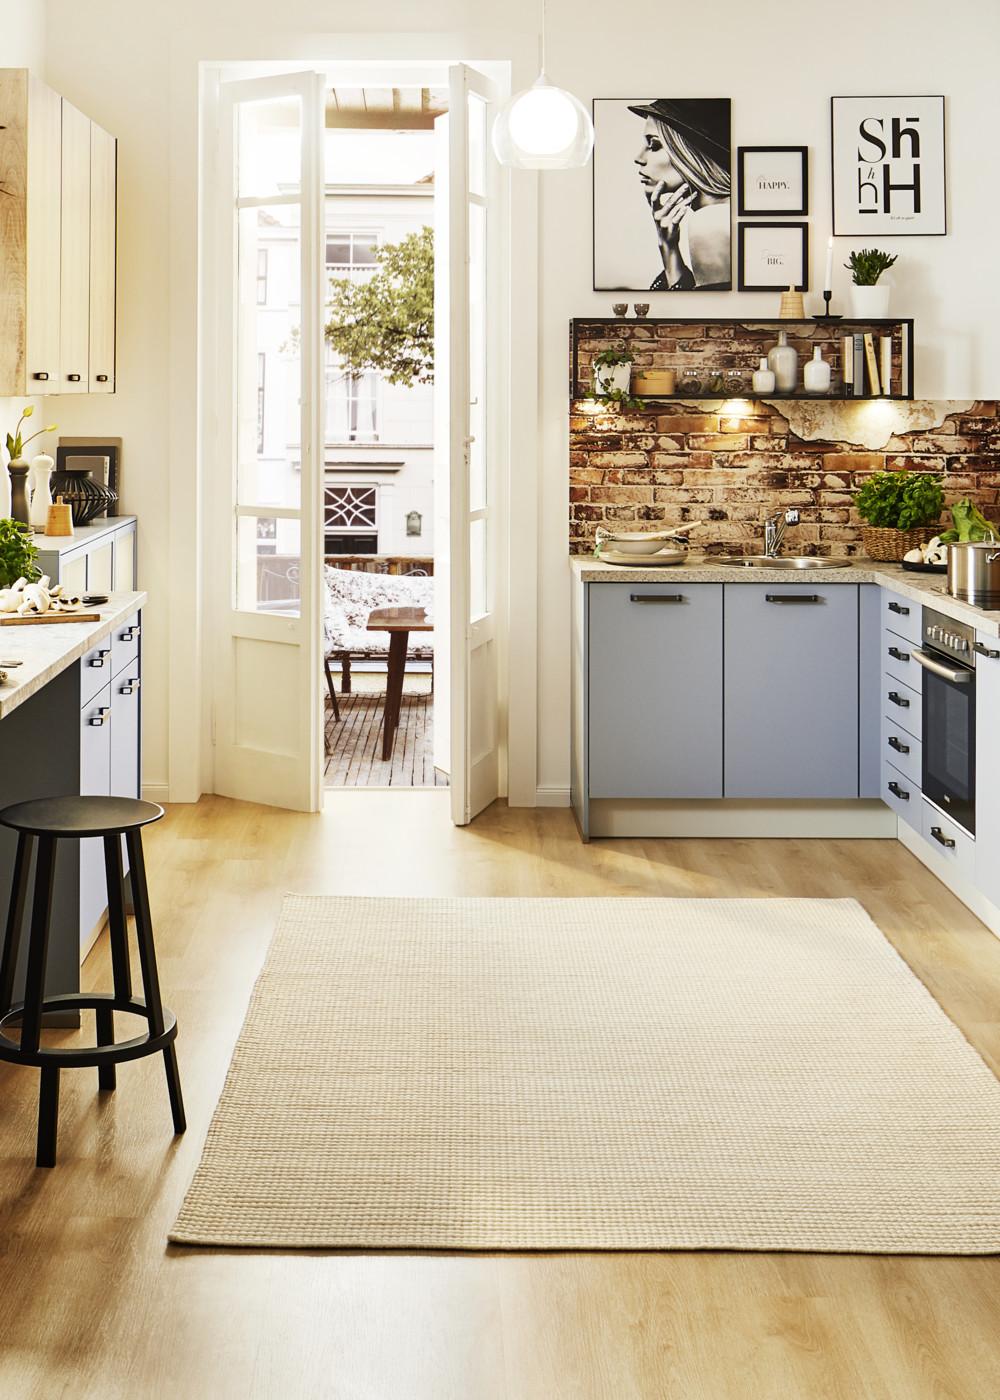 Full Size of Sconto Küchen Home Kchen Regal Wohnzimmer Sconto Küchen